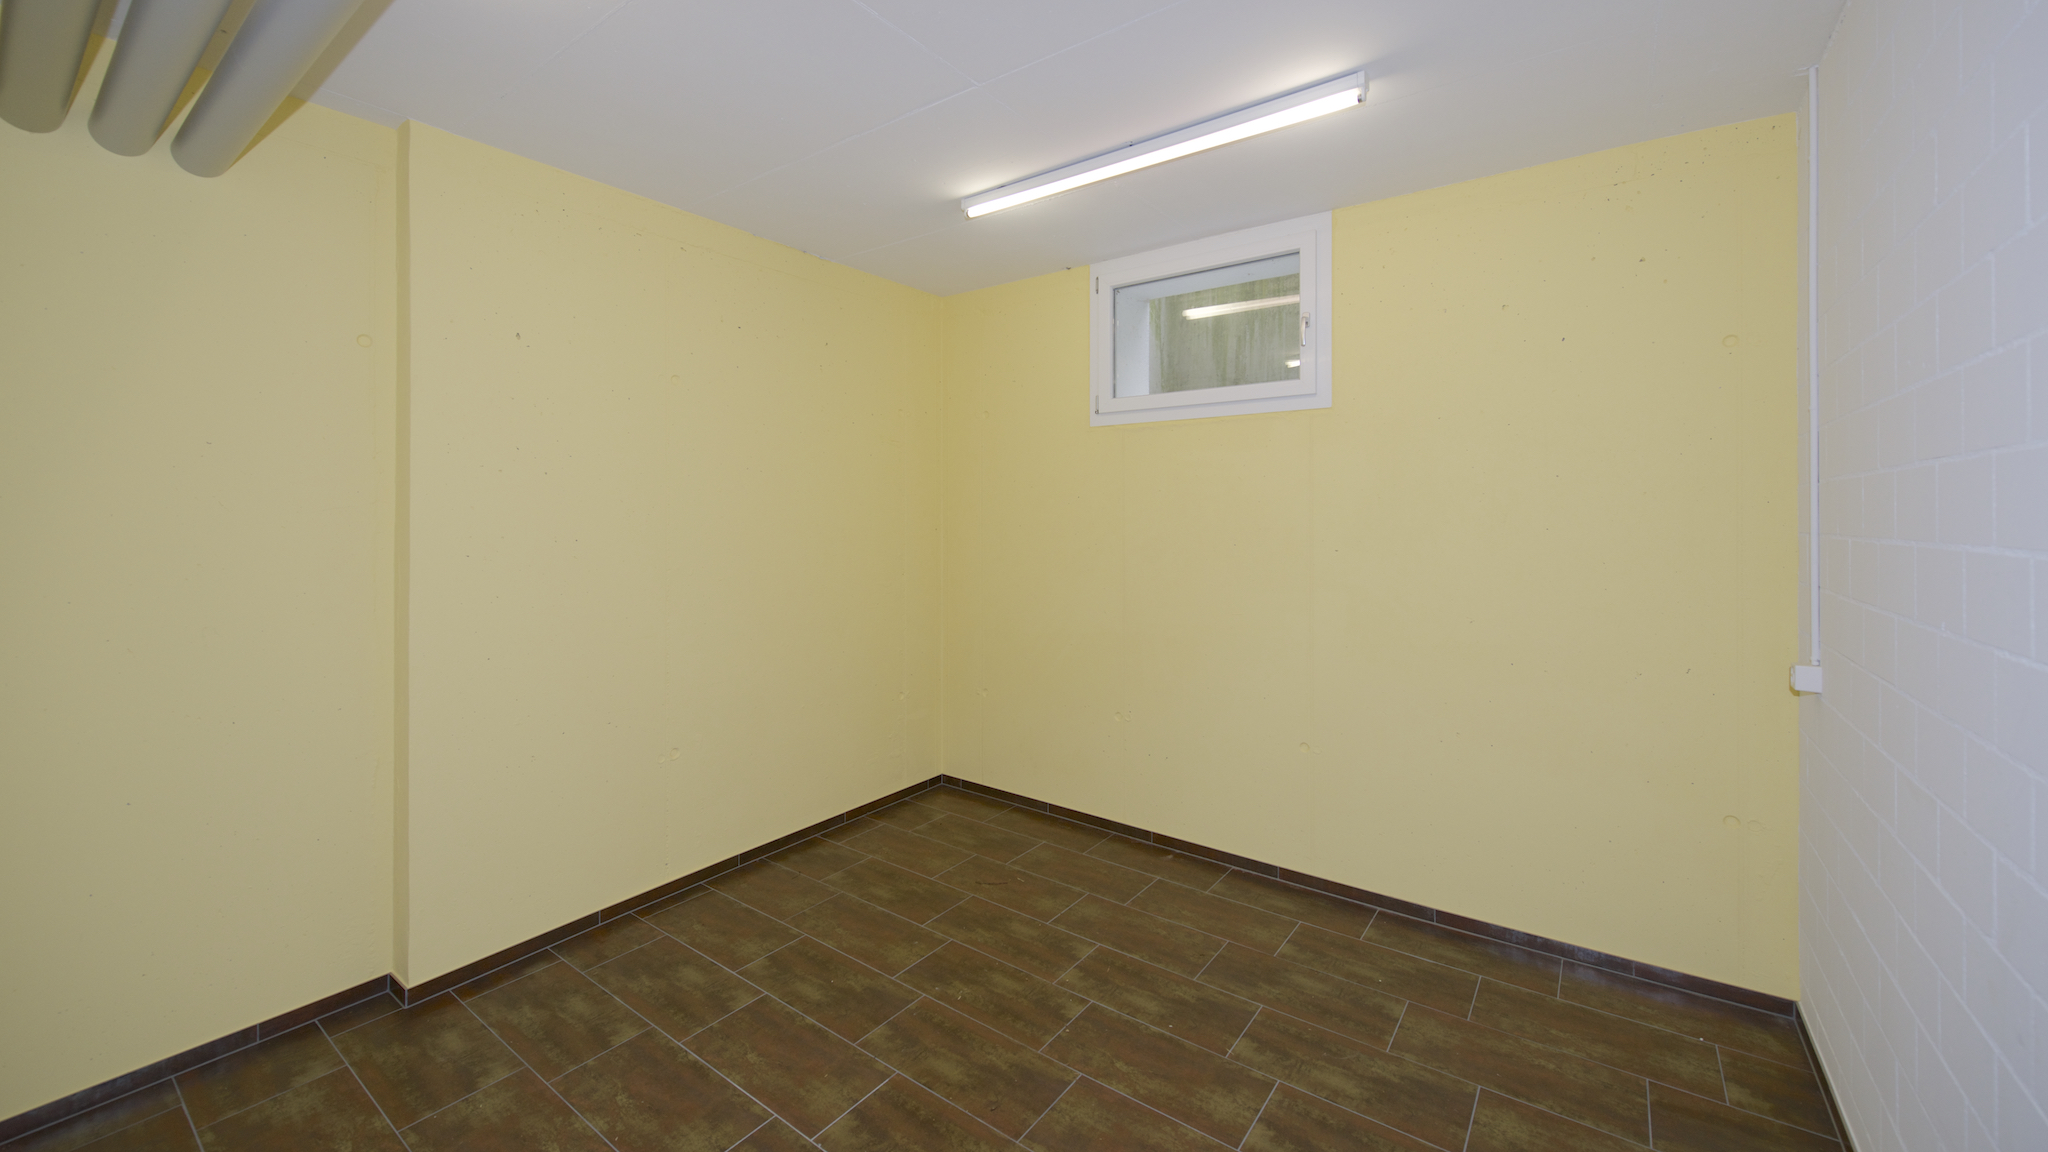 Zusätzlicher Bastel- oder Kellerraum